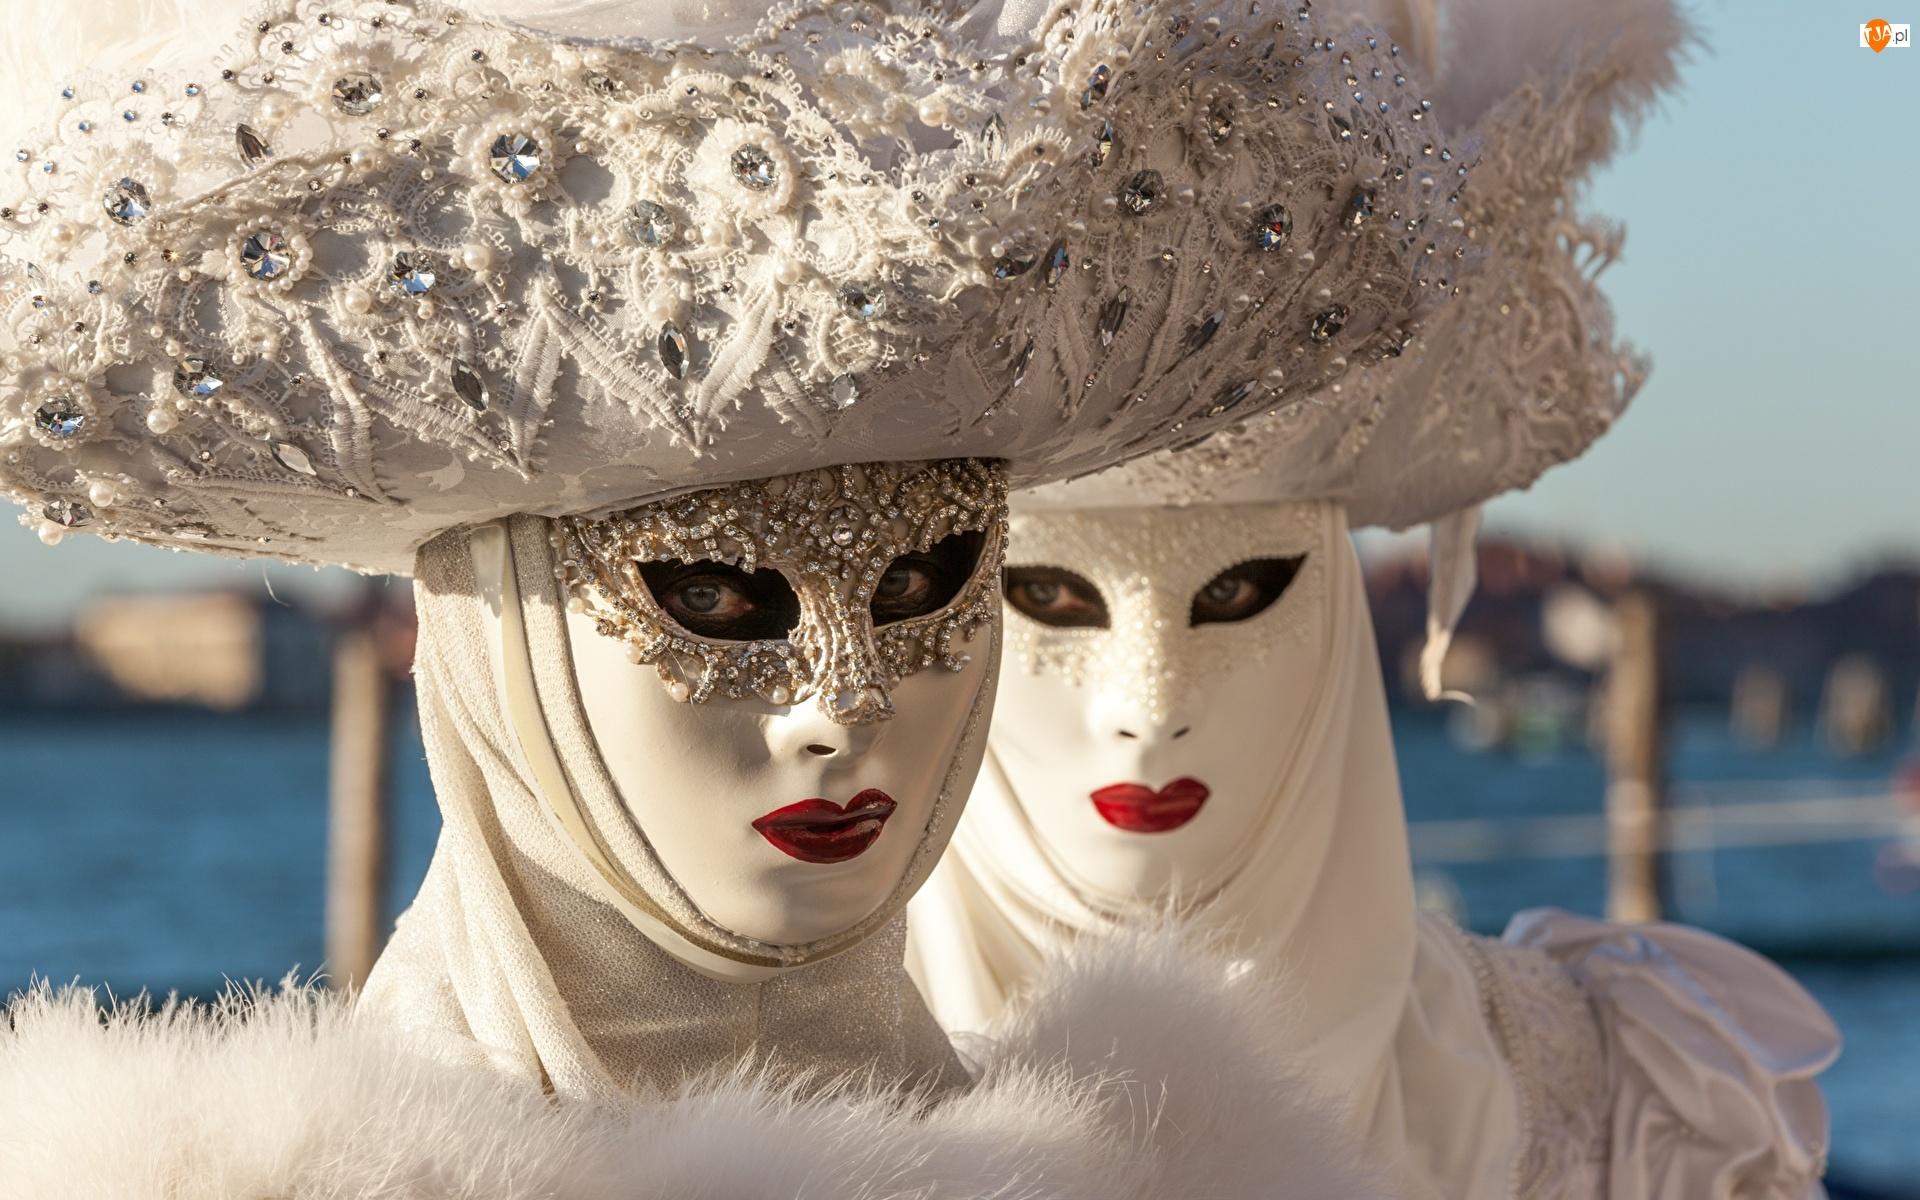 Maski, Karnawał, Kobiety, Białe